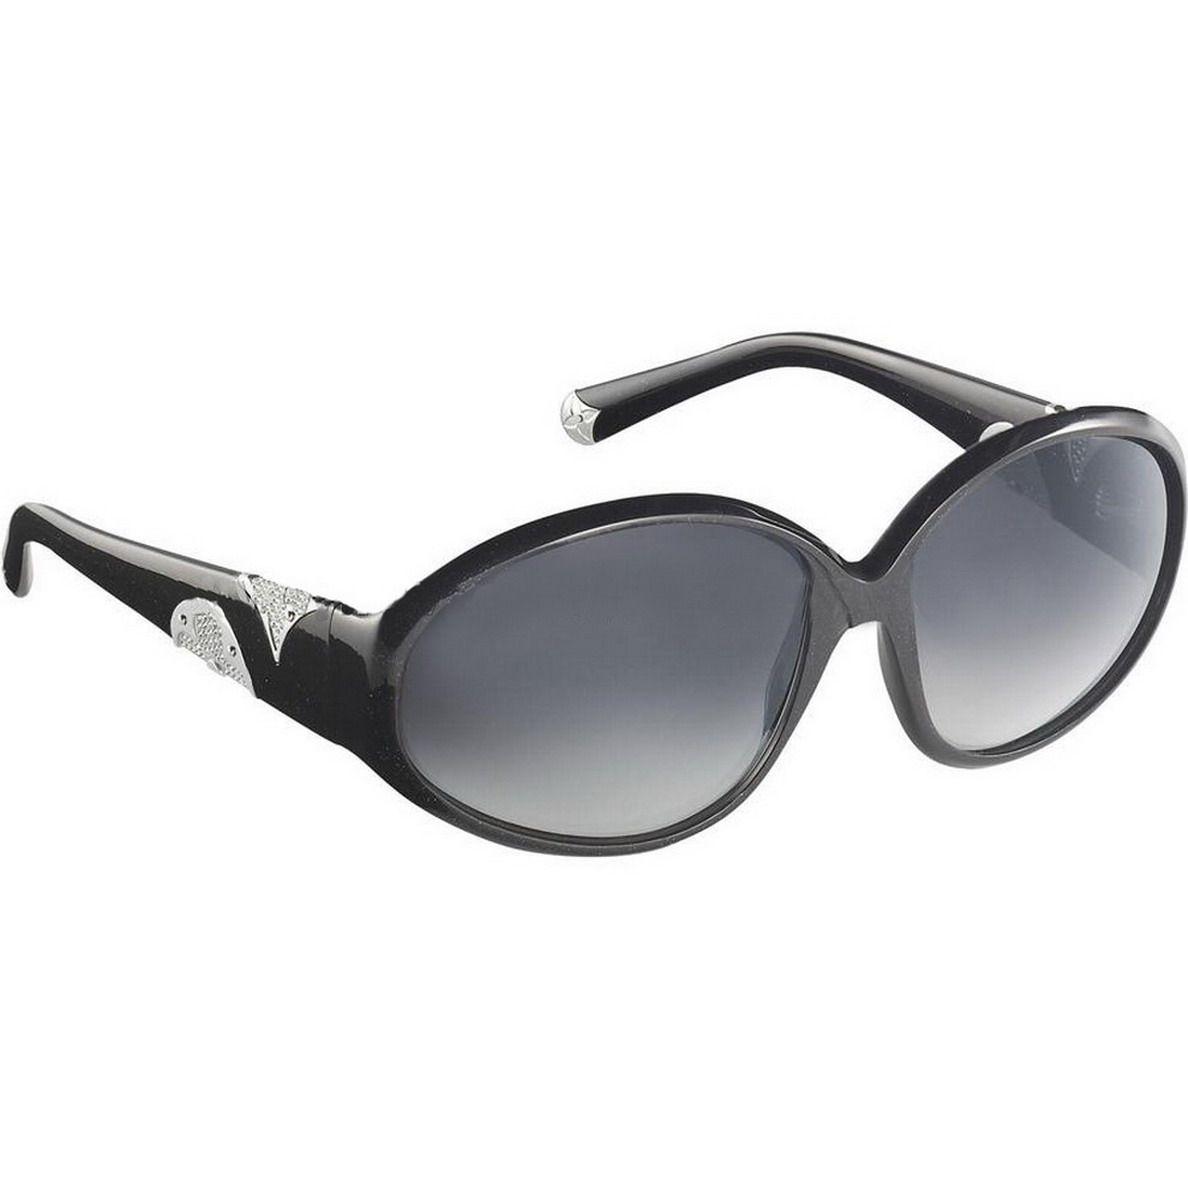 c3cc83e6262 Louis Vuitton Sunglasses  Louis  Vuitton  Sunglasses. Cheap Louis Vuitton  sunglasses outlet online store sale !